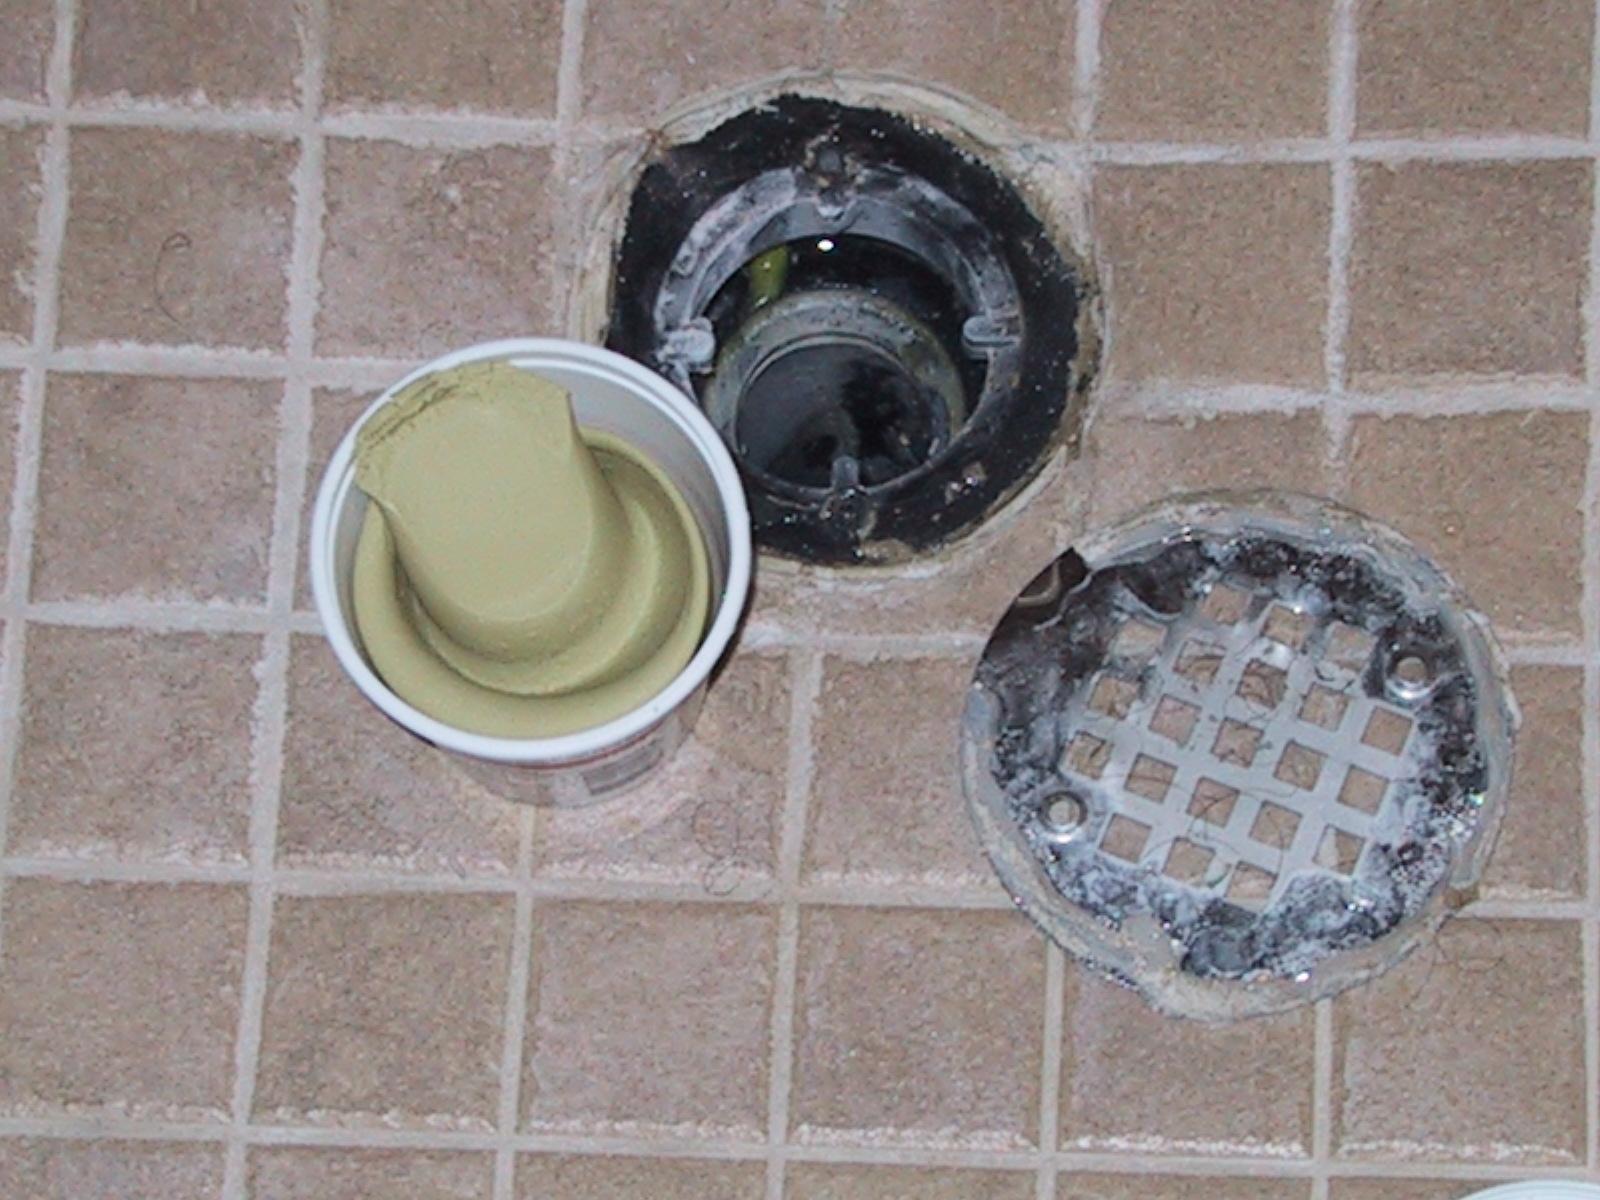 Basement Shower Drain Smells